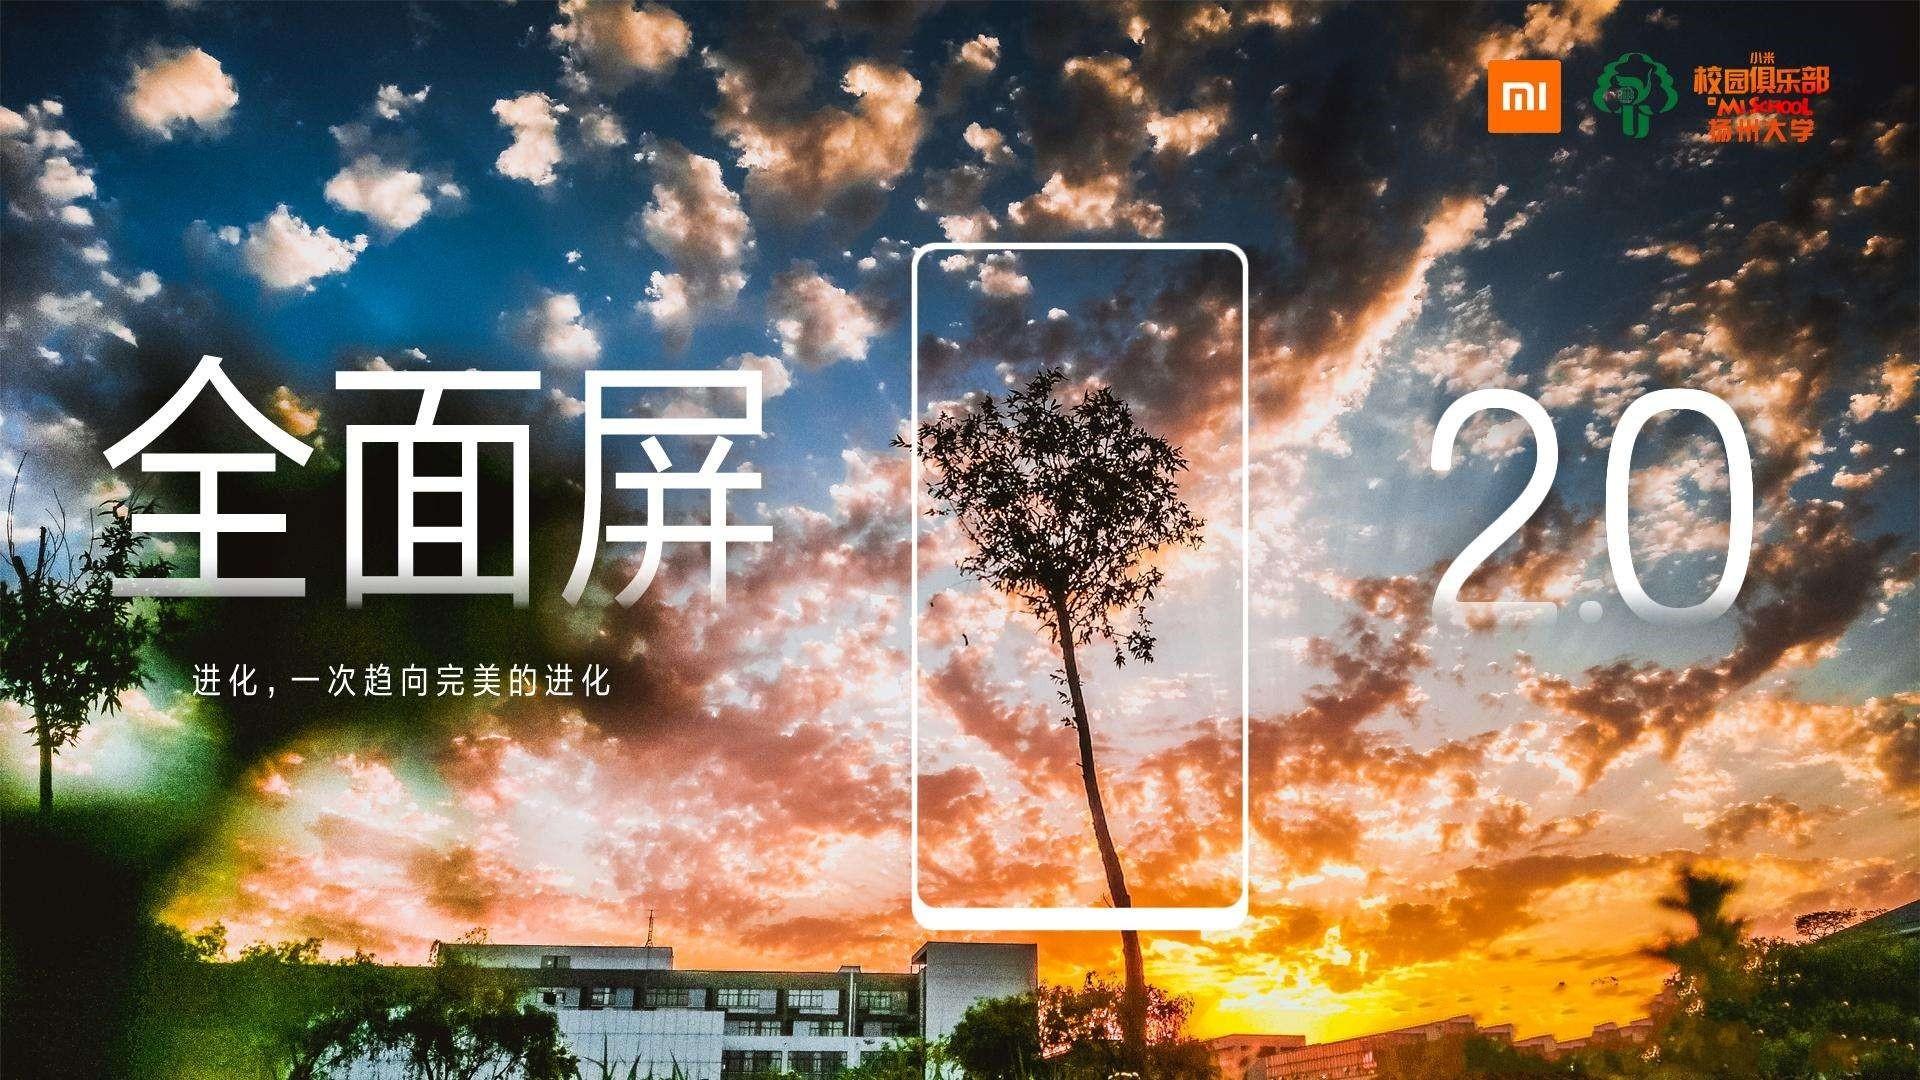 努比亚新机入网工信部,骁龙625再战千元机市场!